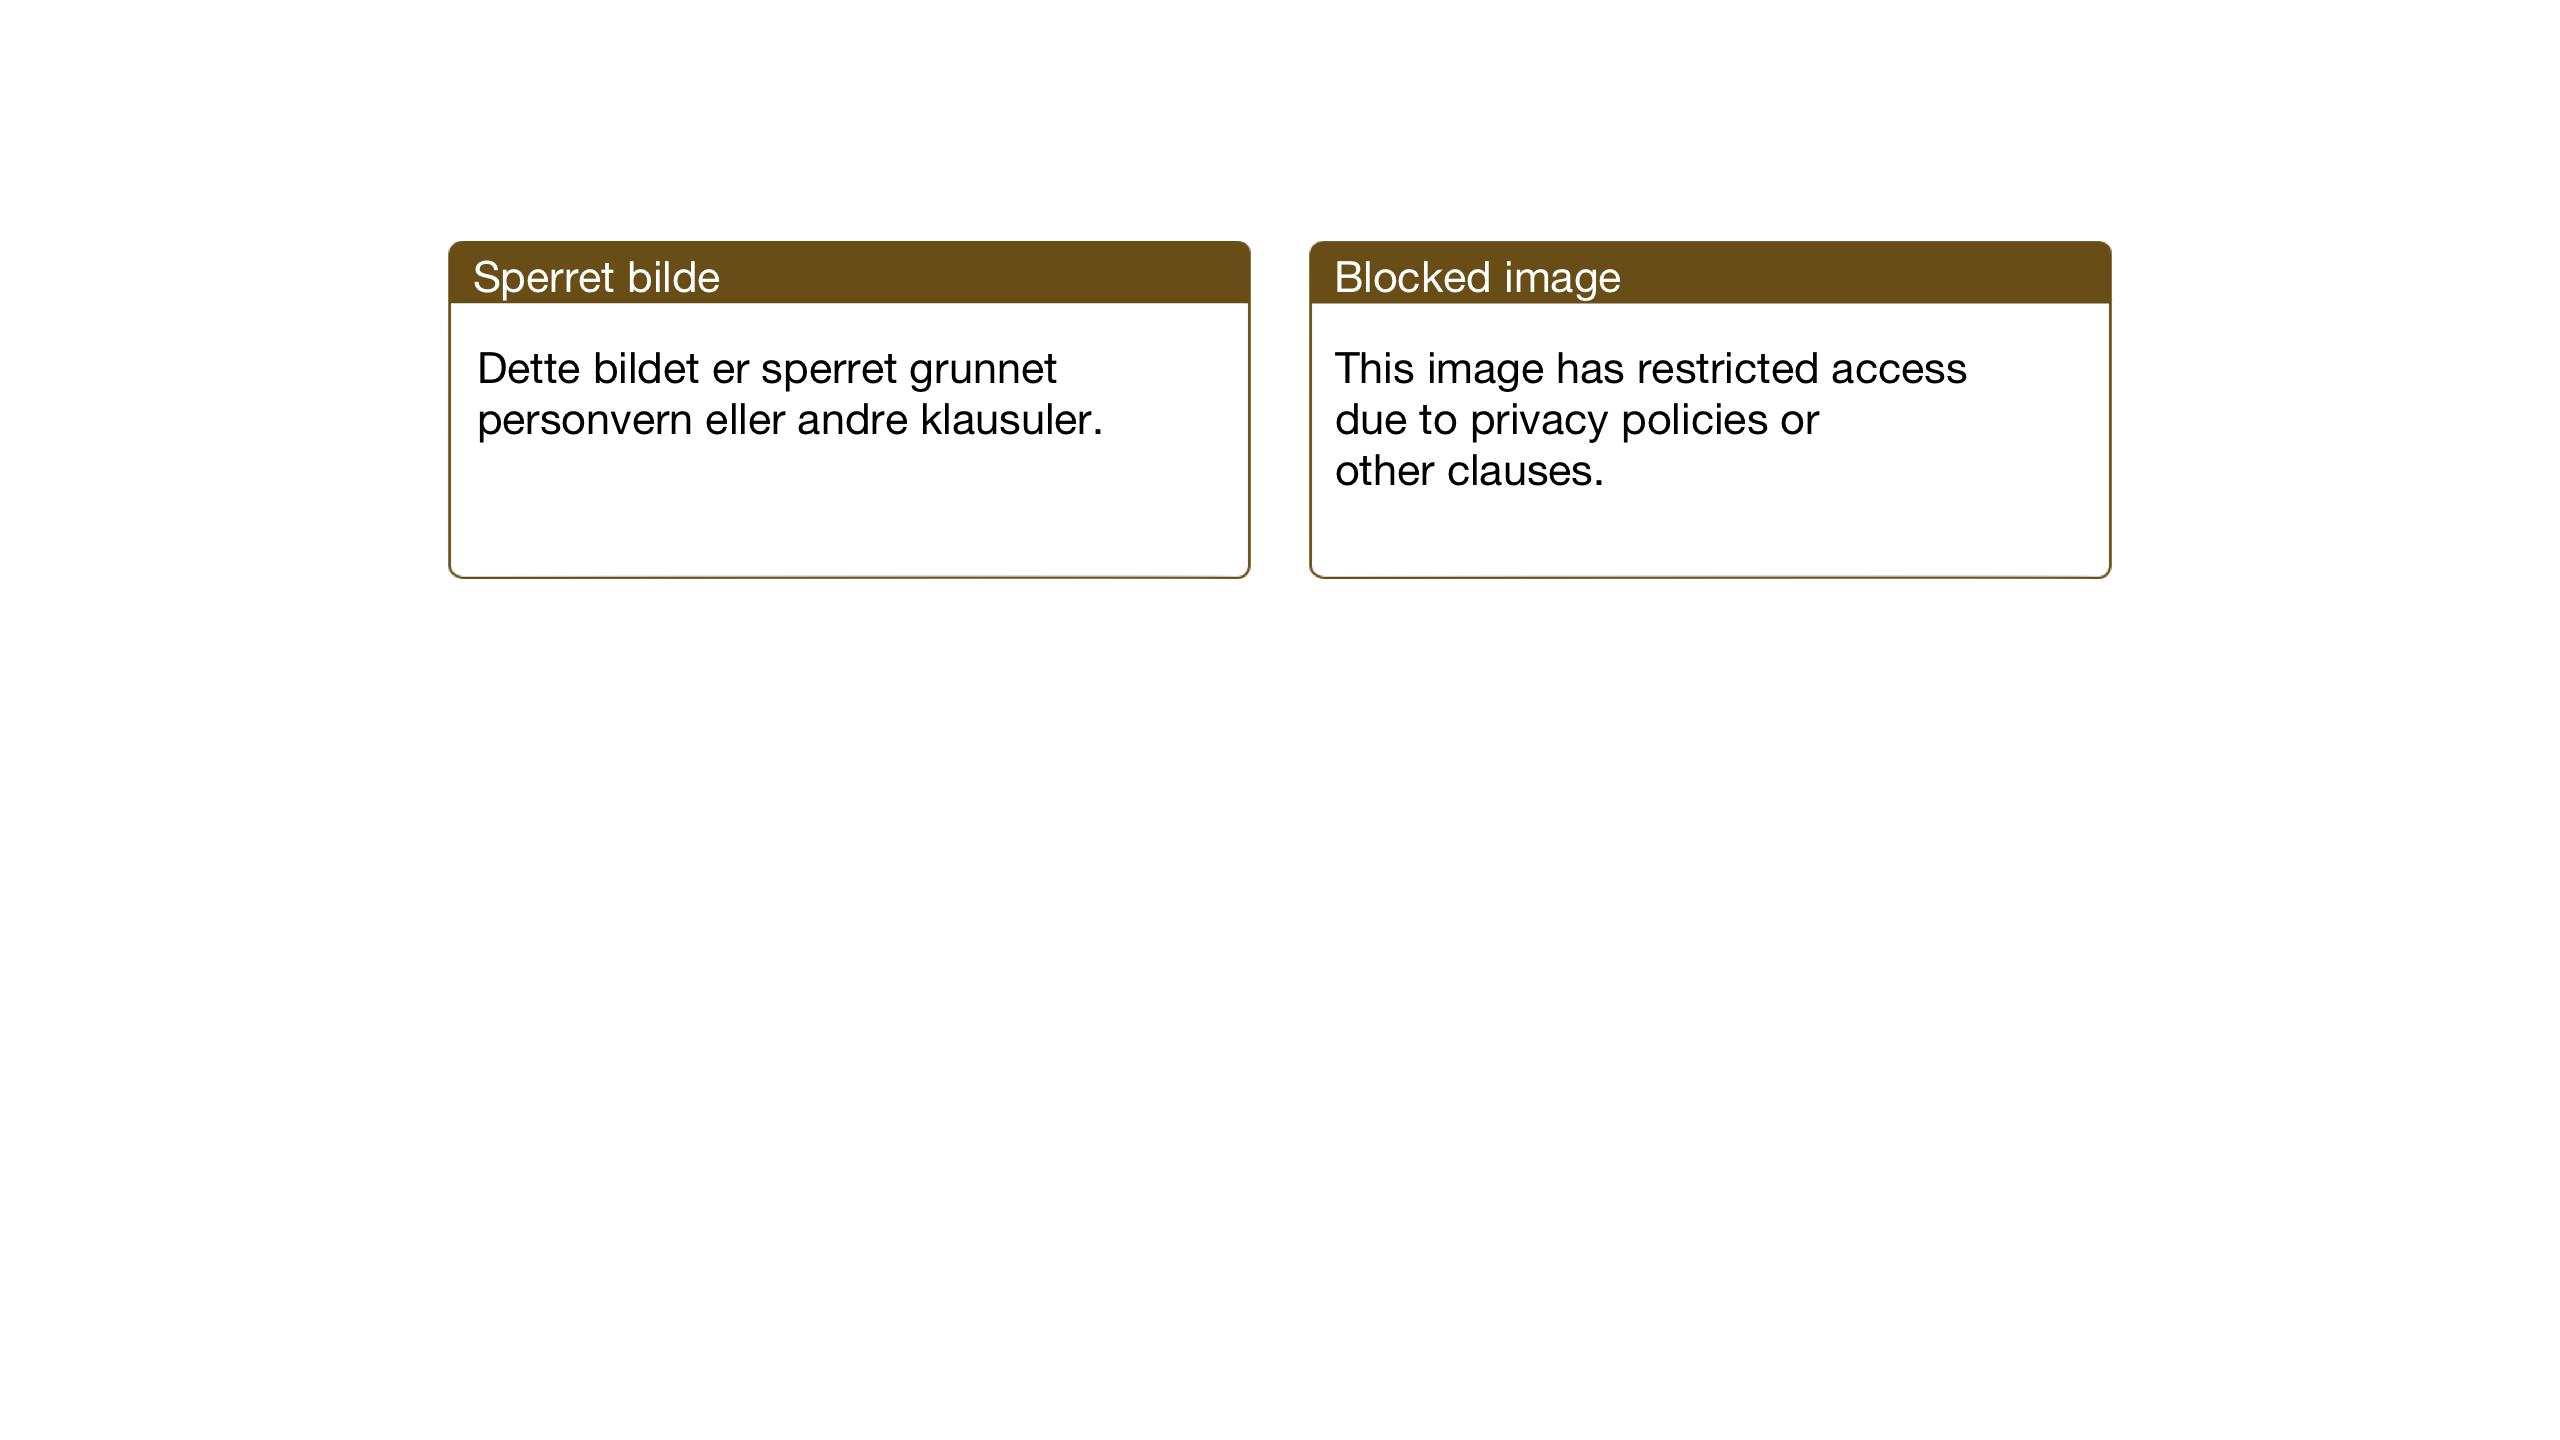 SAT, Ministerialprotokoller, klokkerbøker og fødselsregistre - Sør-Trøndelag, 603/L0173: Klokkerbok nr. 603C01, 1907-1962, s. 135